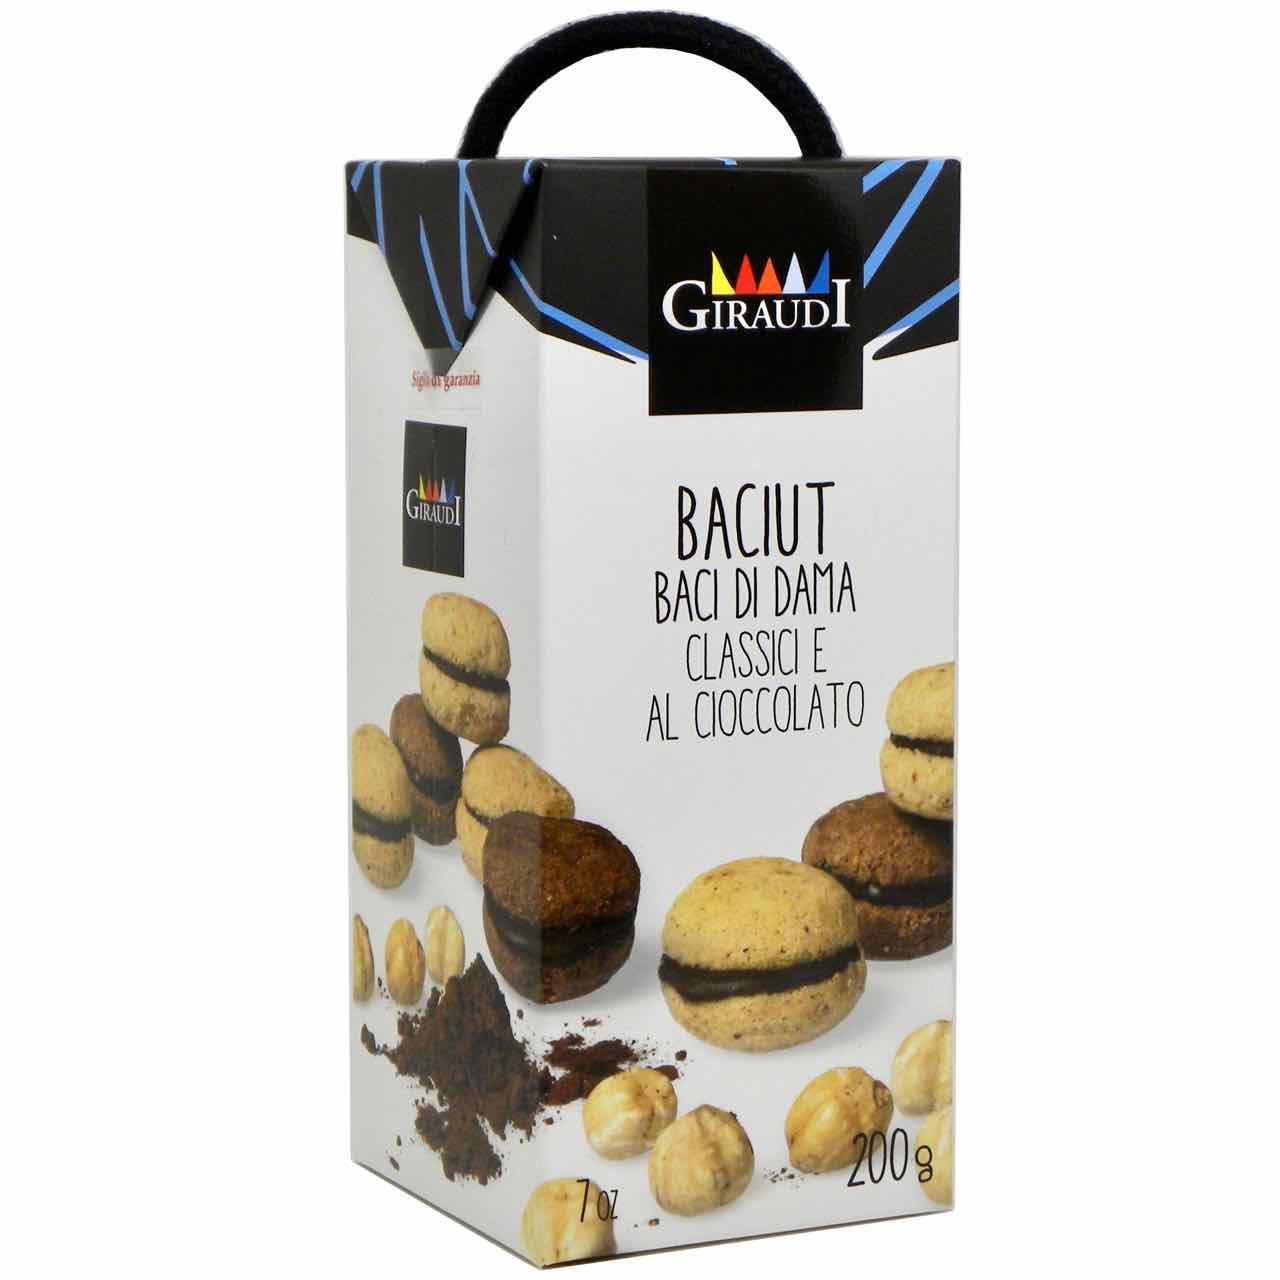 baci di dama tacit cookies Giraudi – shop online – Gustorotondo – best Italian food – Gustorotondo online food shop – authentic Italian artisan food